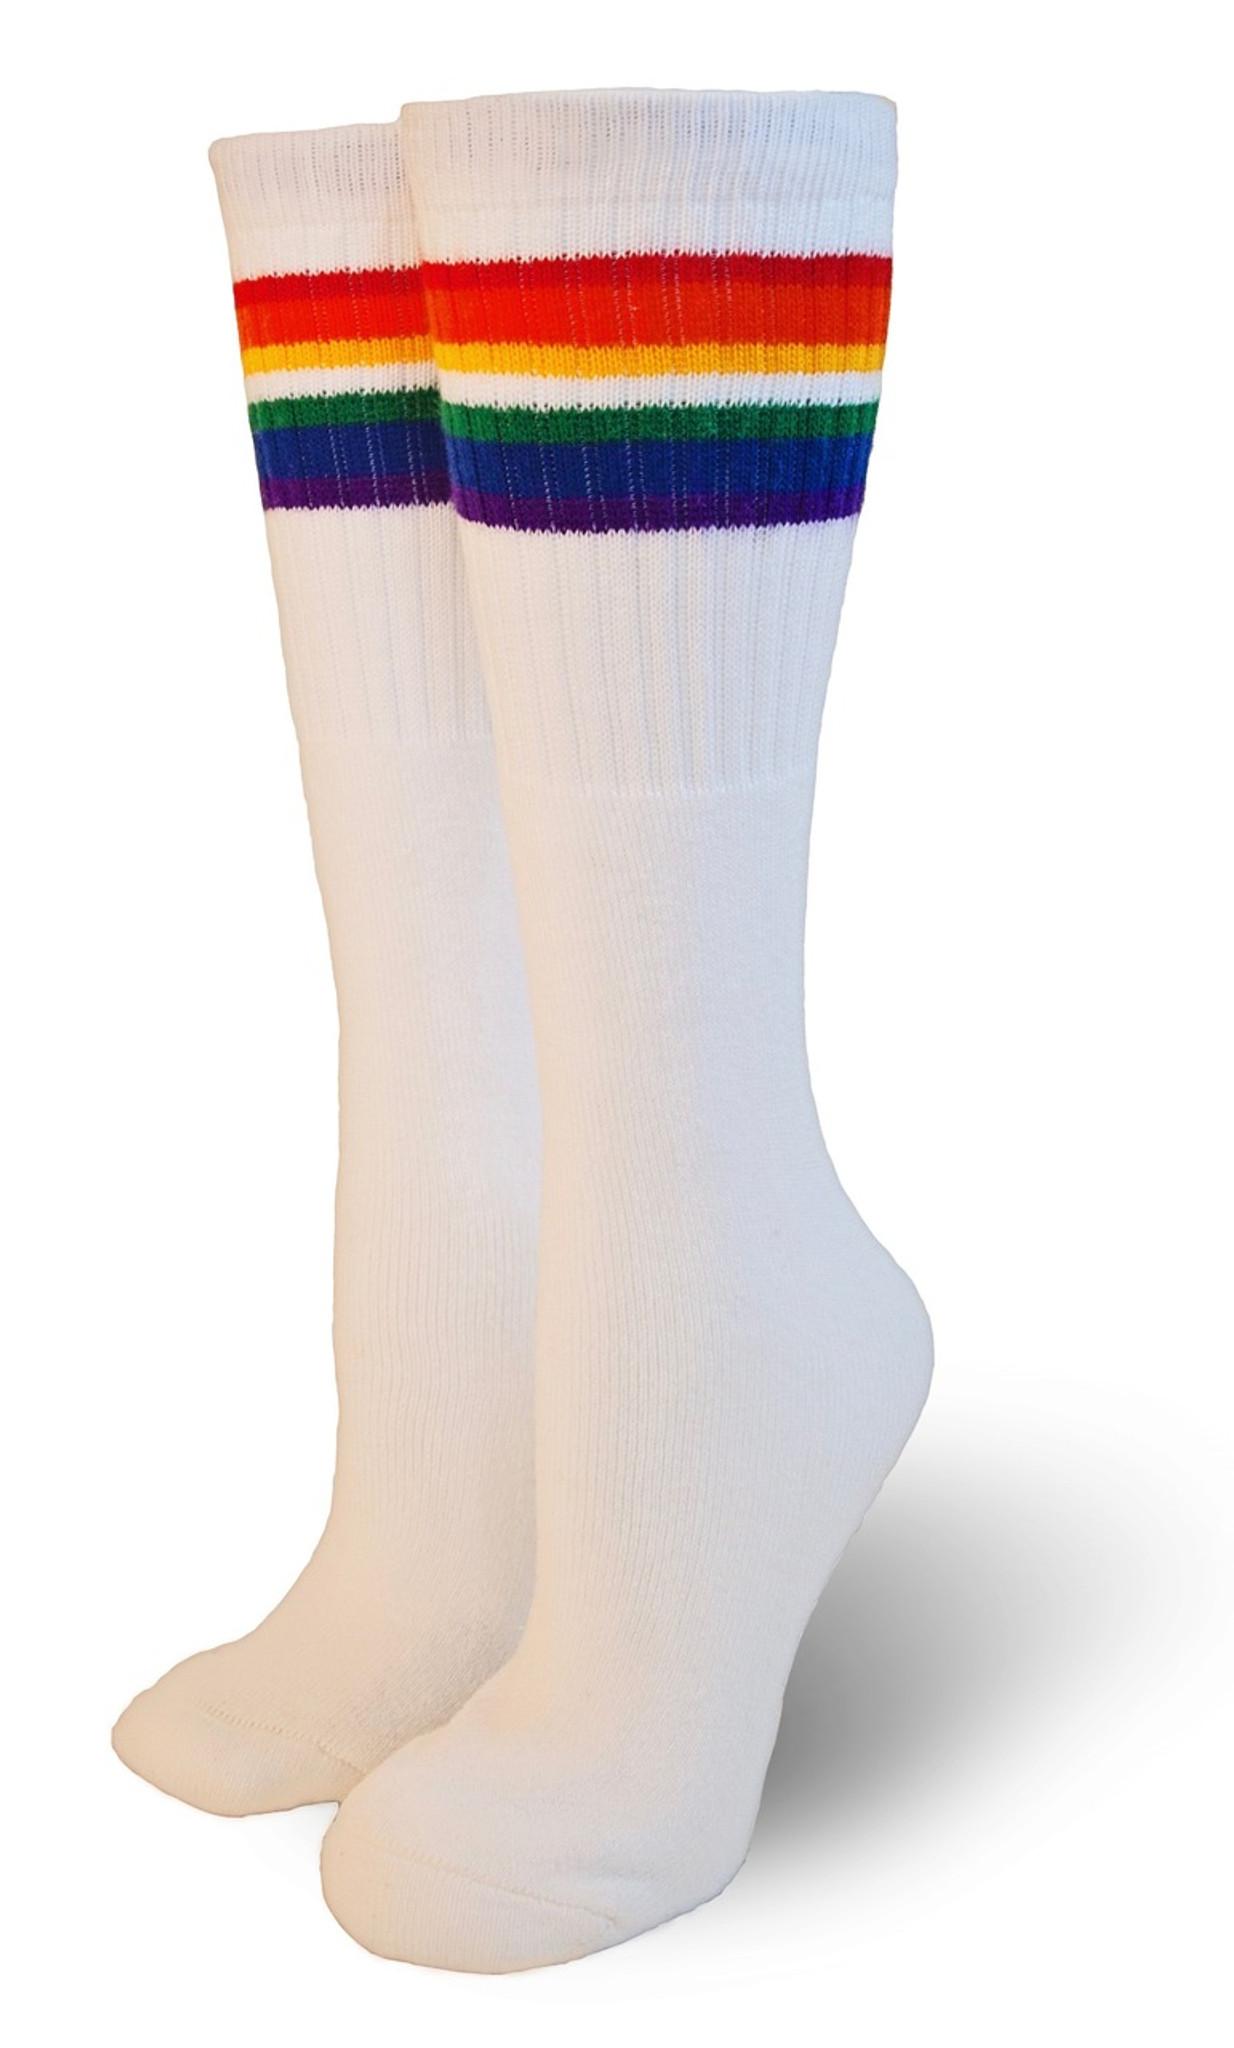 9593c4a1b98 retro childrens rainbow tube socks